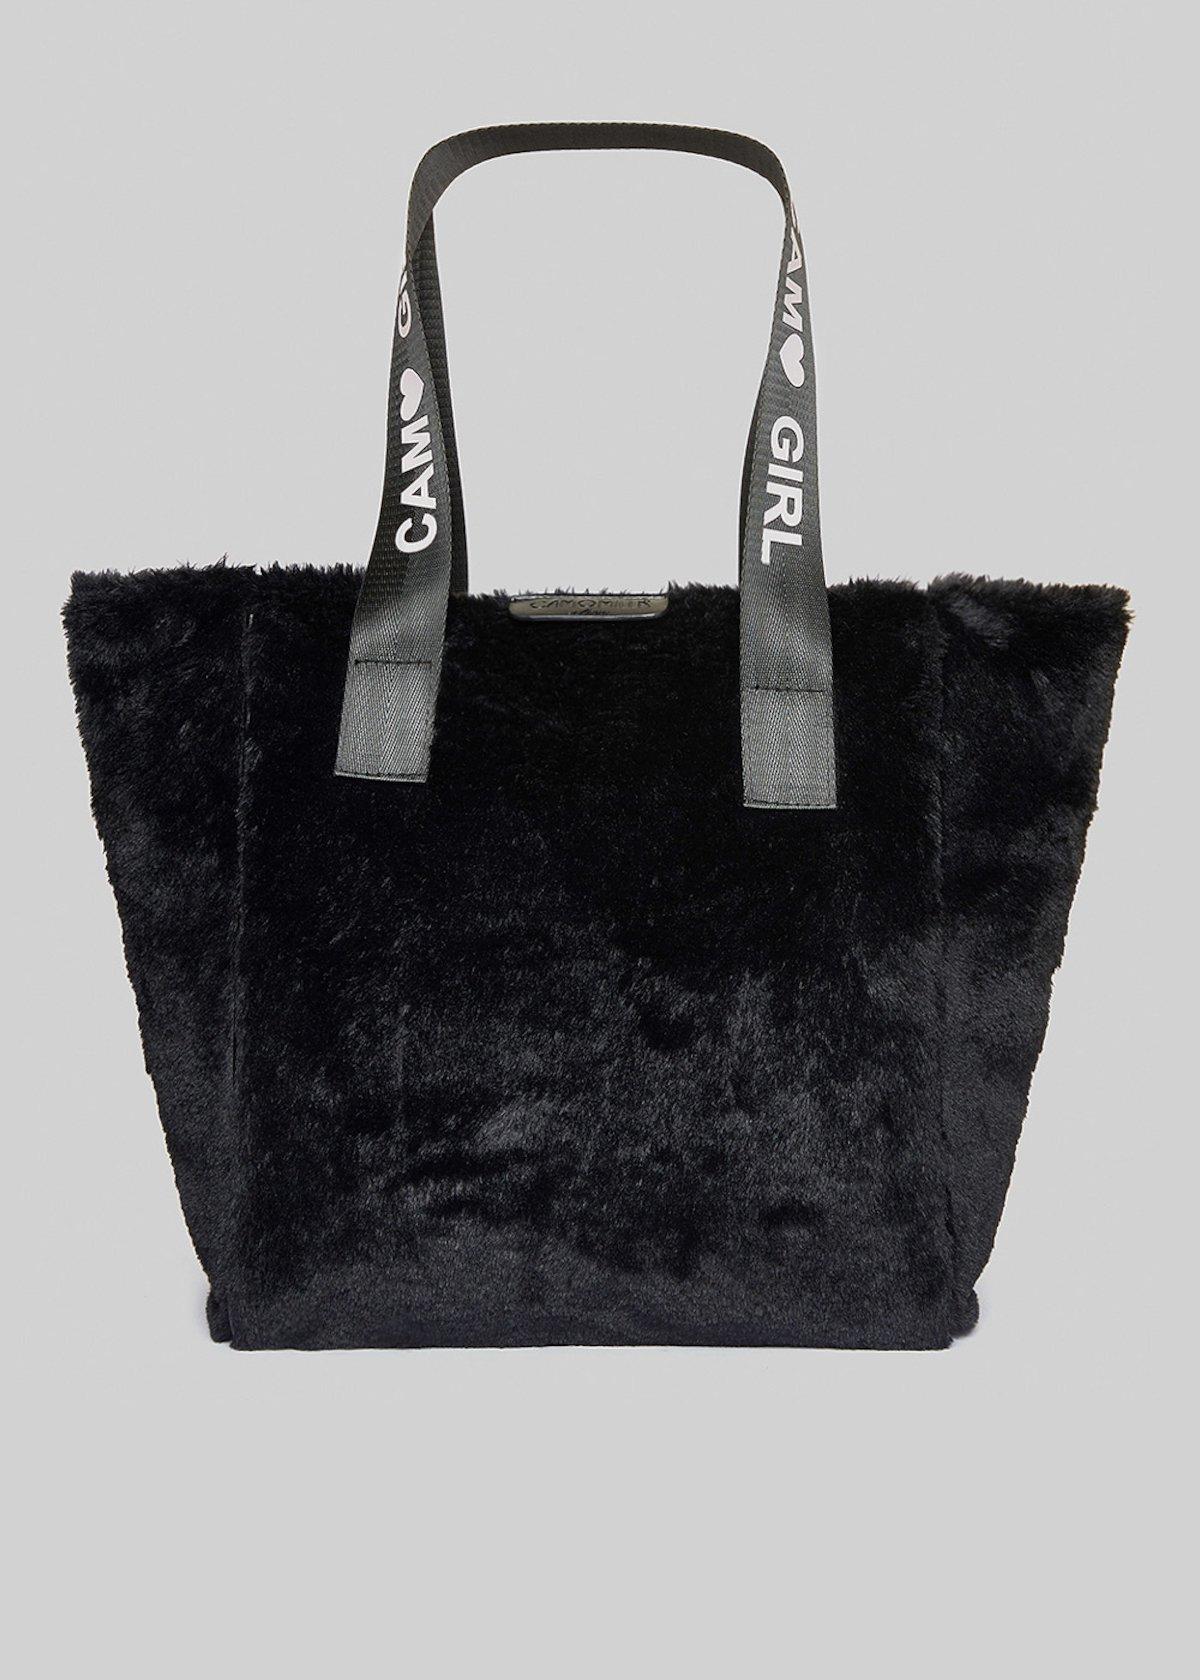 Fake fur Boris shopping bag with printed logo